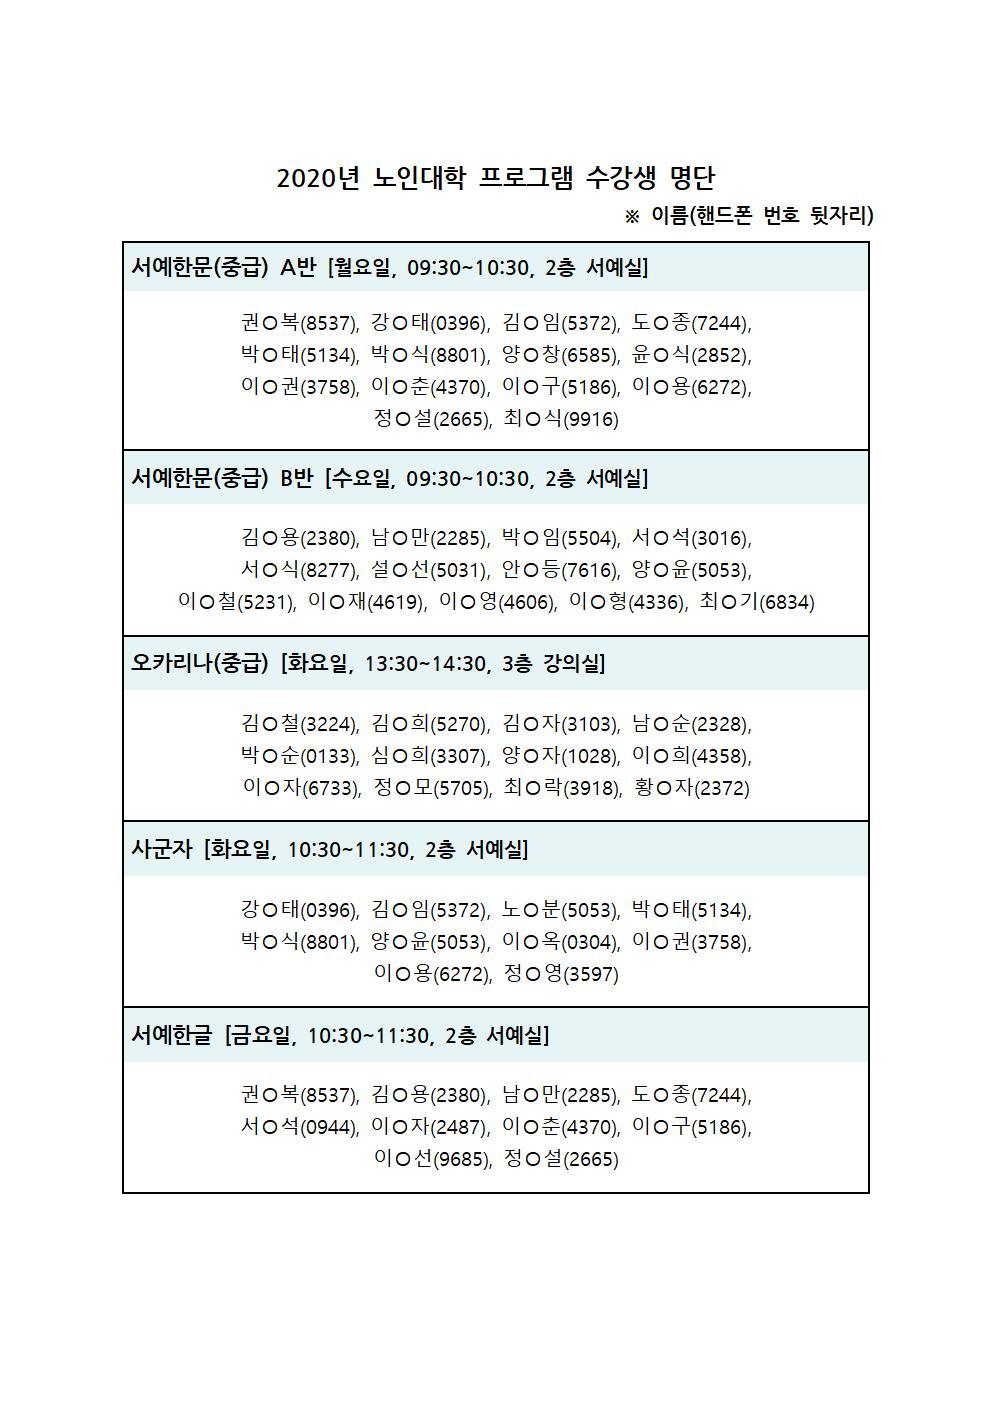 2020년 노인대학 프로그램 수강생 명단(공지용)001.jpg